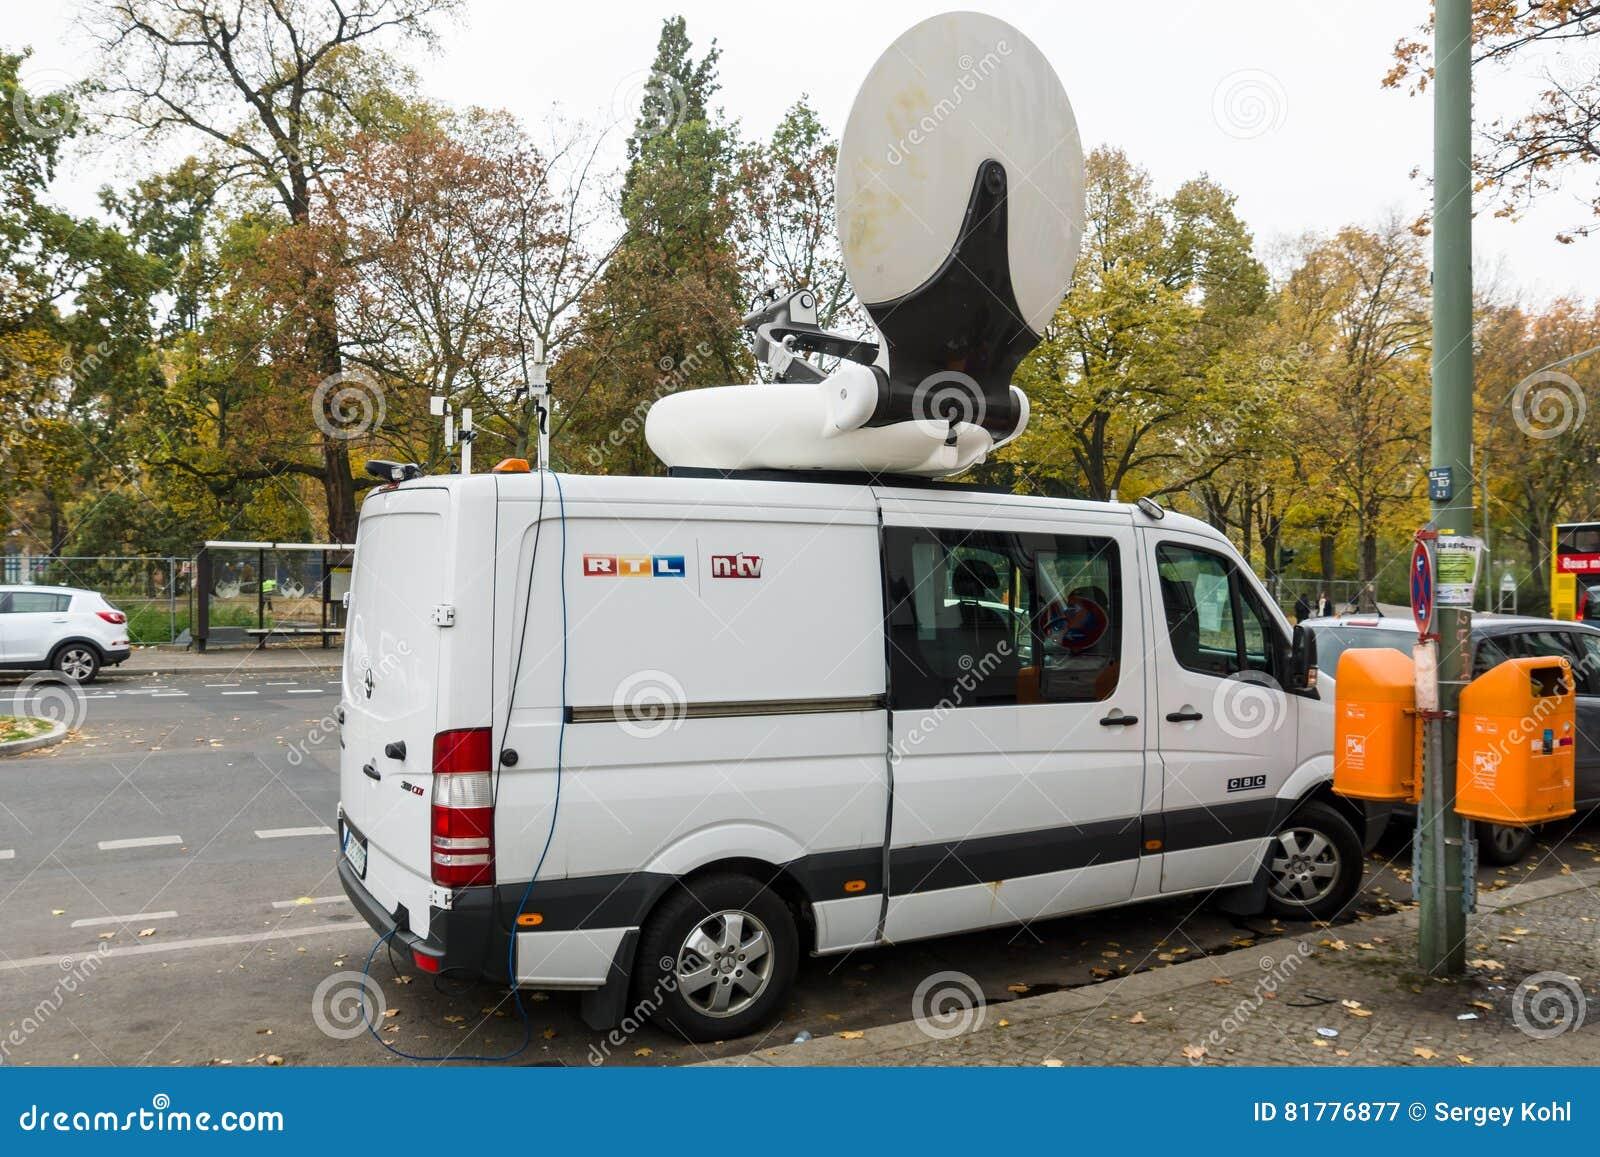 德国新闻播报员NTV的流动电视汽车